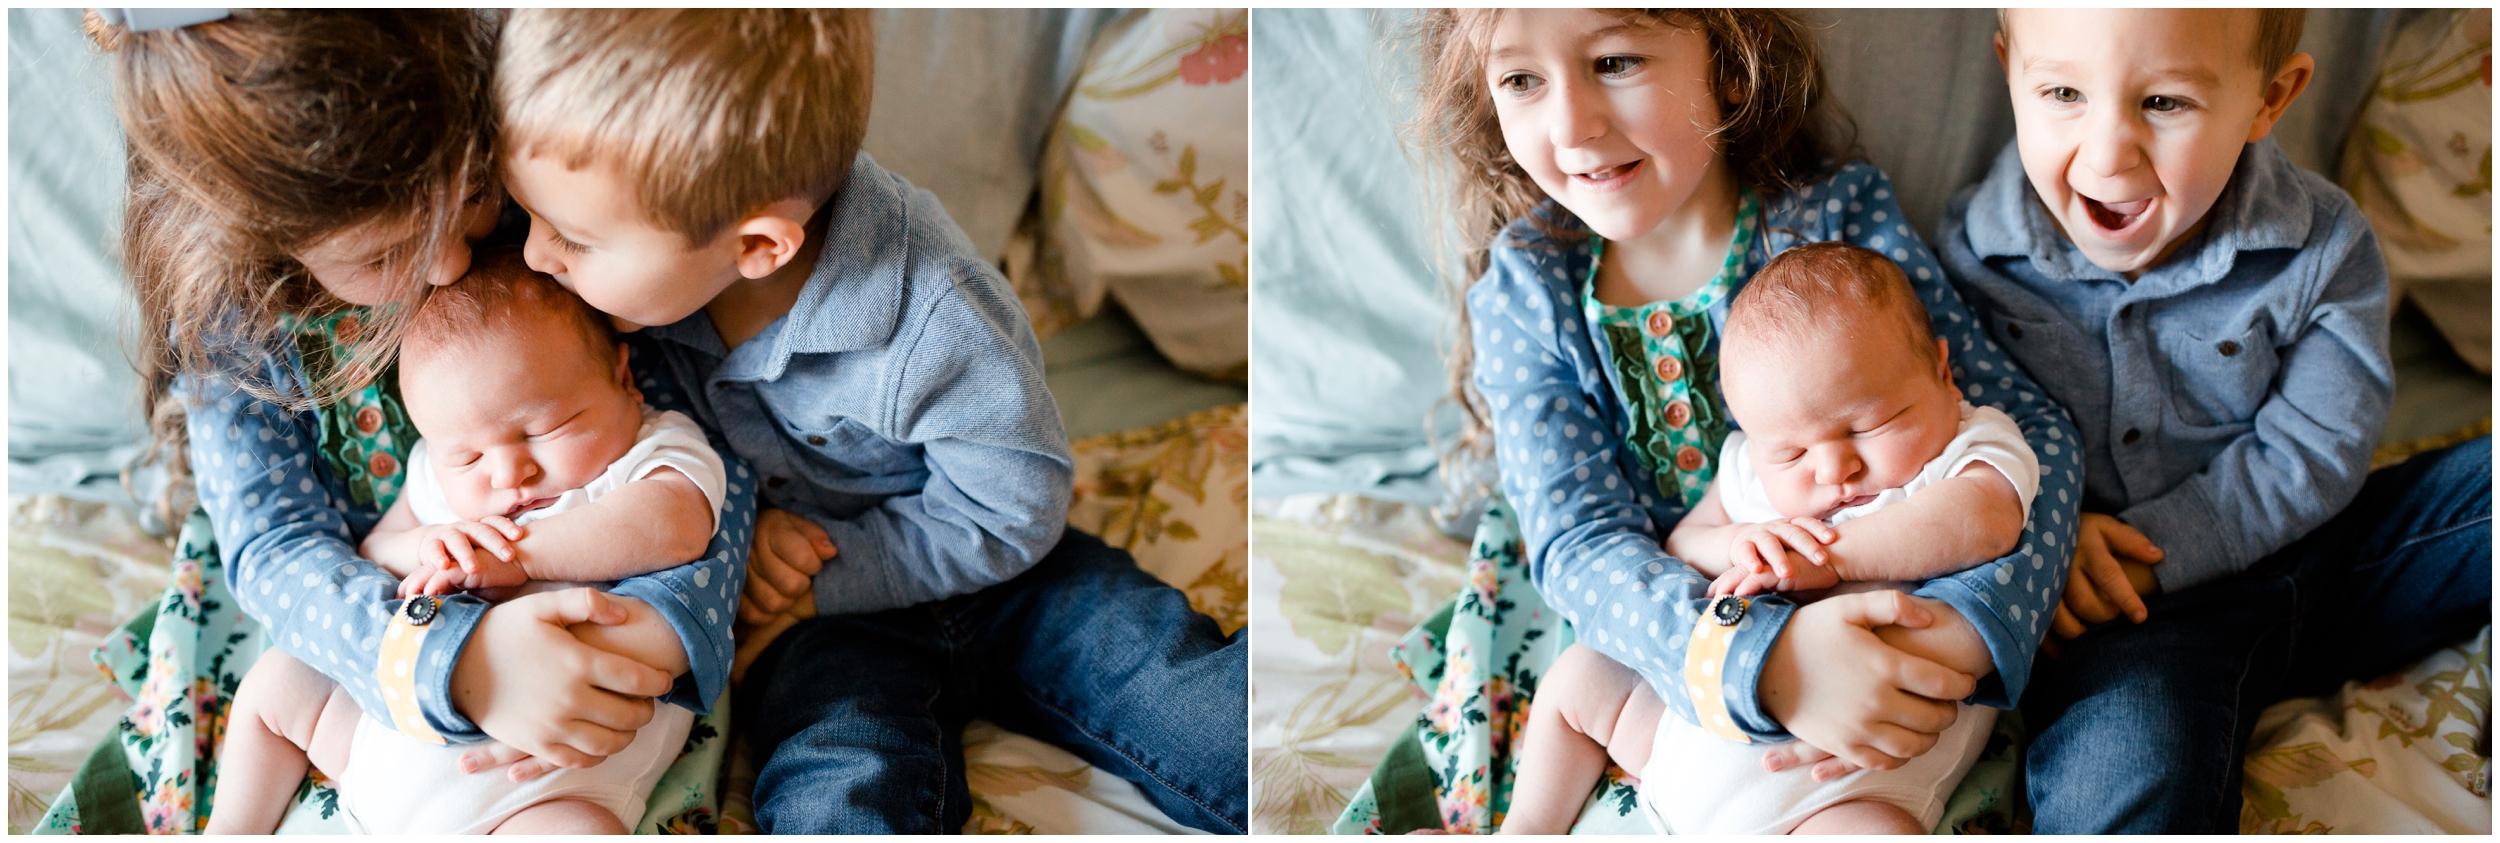 lexington-ky-family-lifestyle-photography-Priscilla-Baierlein-Photography_0235.jpg